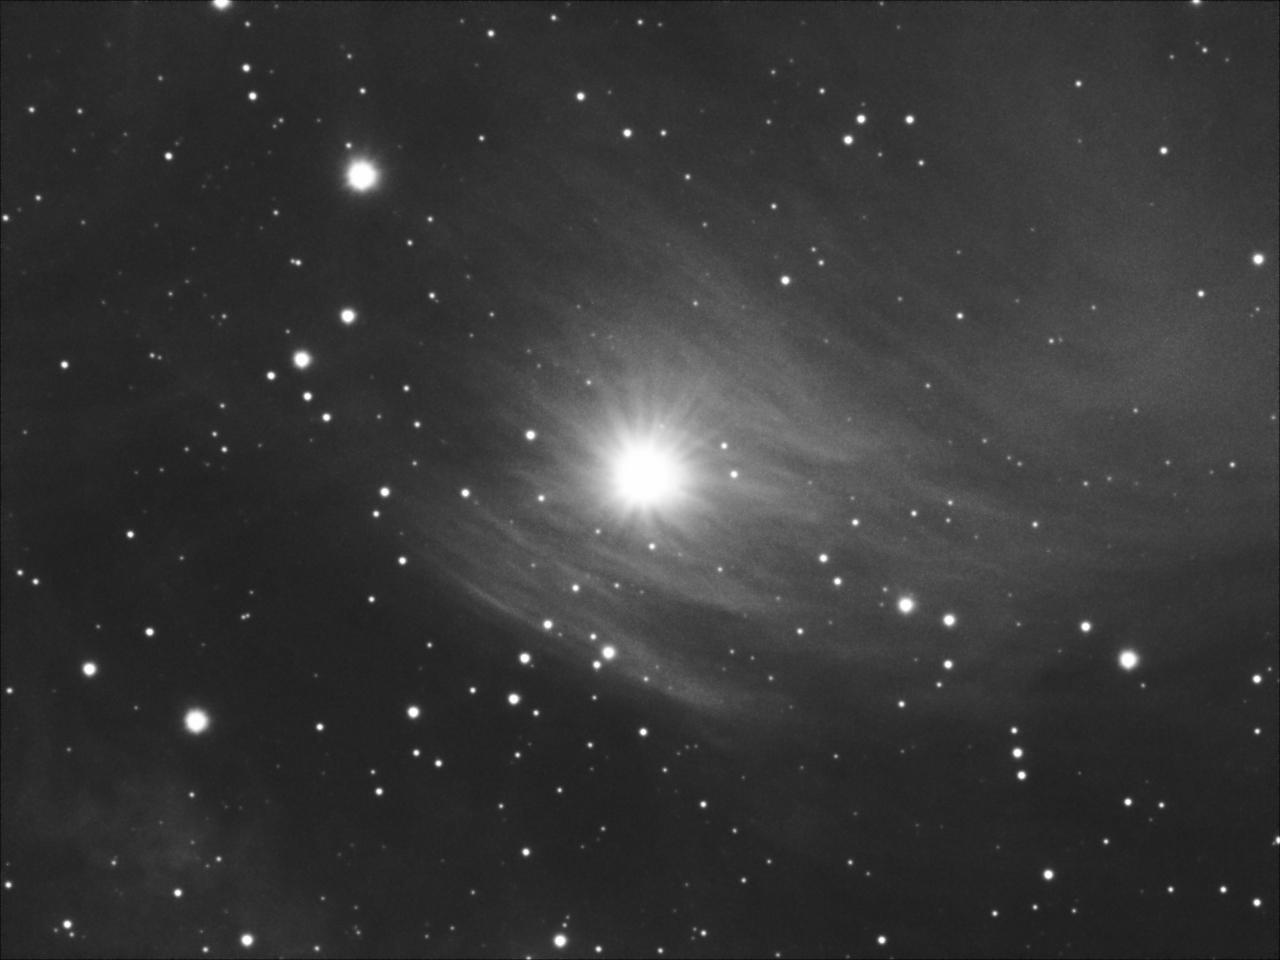 NGC1435-Merope-20130915-TTK.JPG